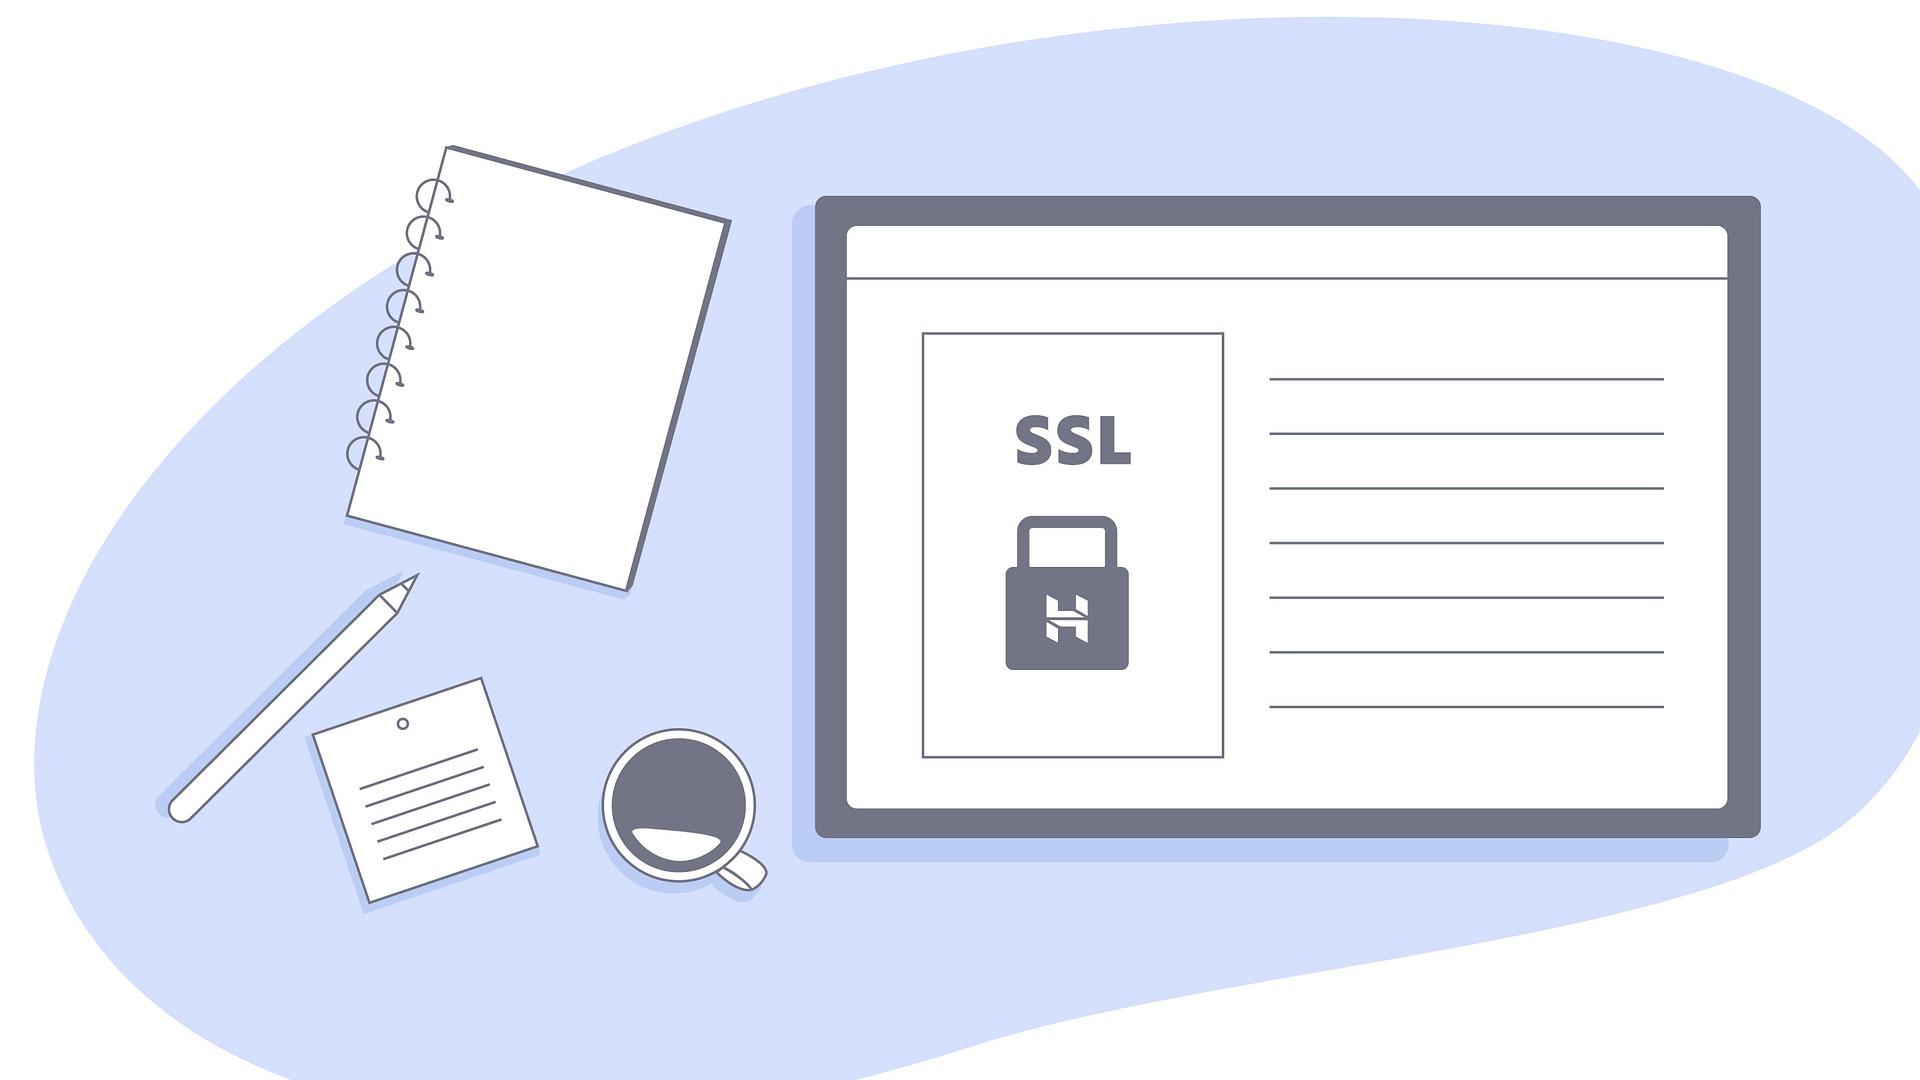 benefits-ssl-certificate-seo-best-practices-shirudigi